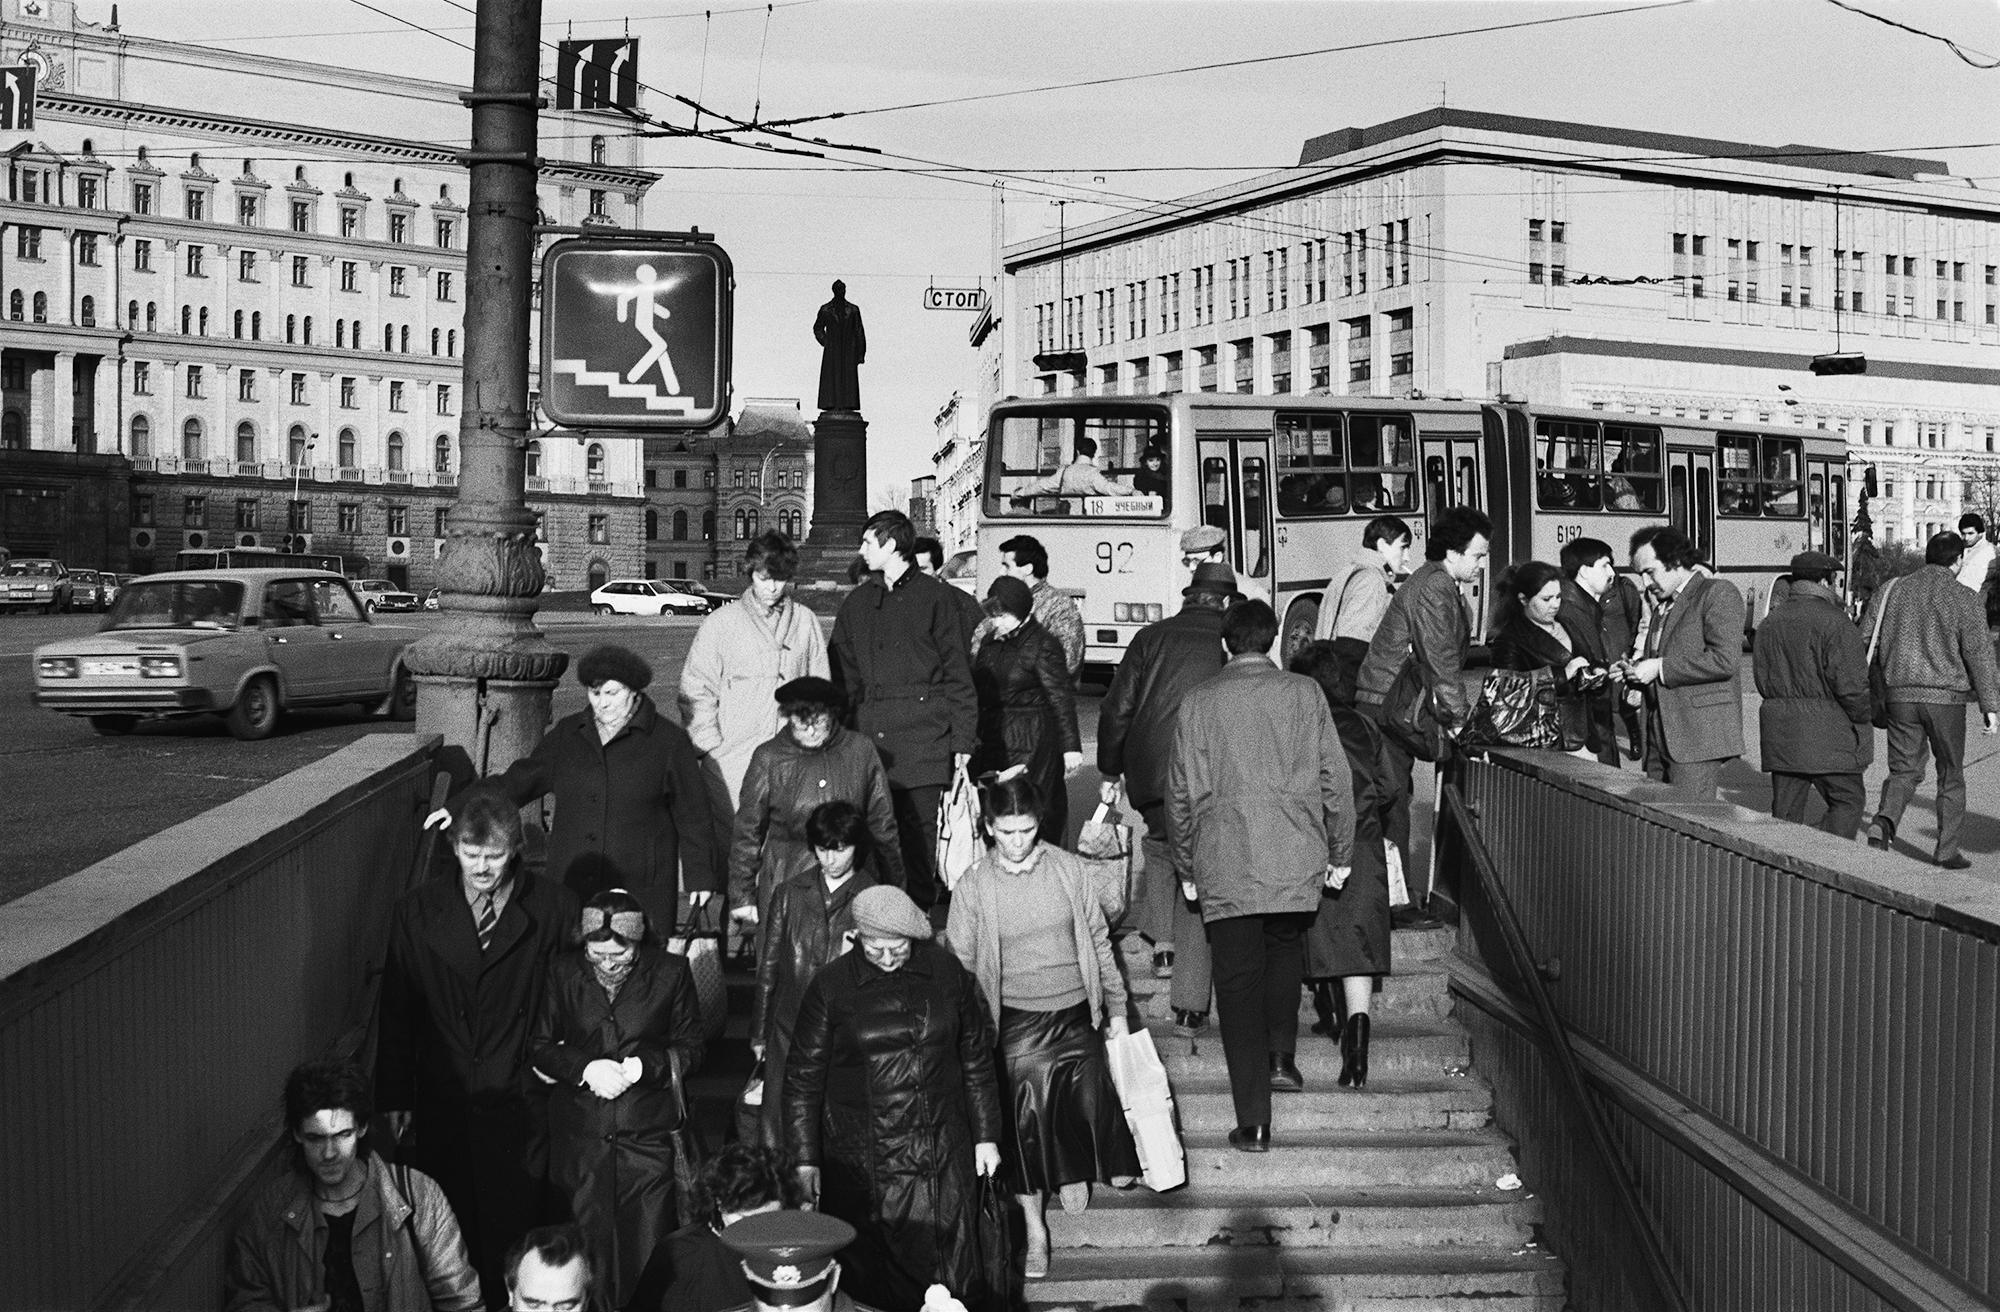 Denkmal zu Ehren Felix Dshershinskis, Moskau, 1990 / Foto © Igor Mukhin